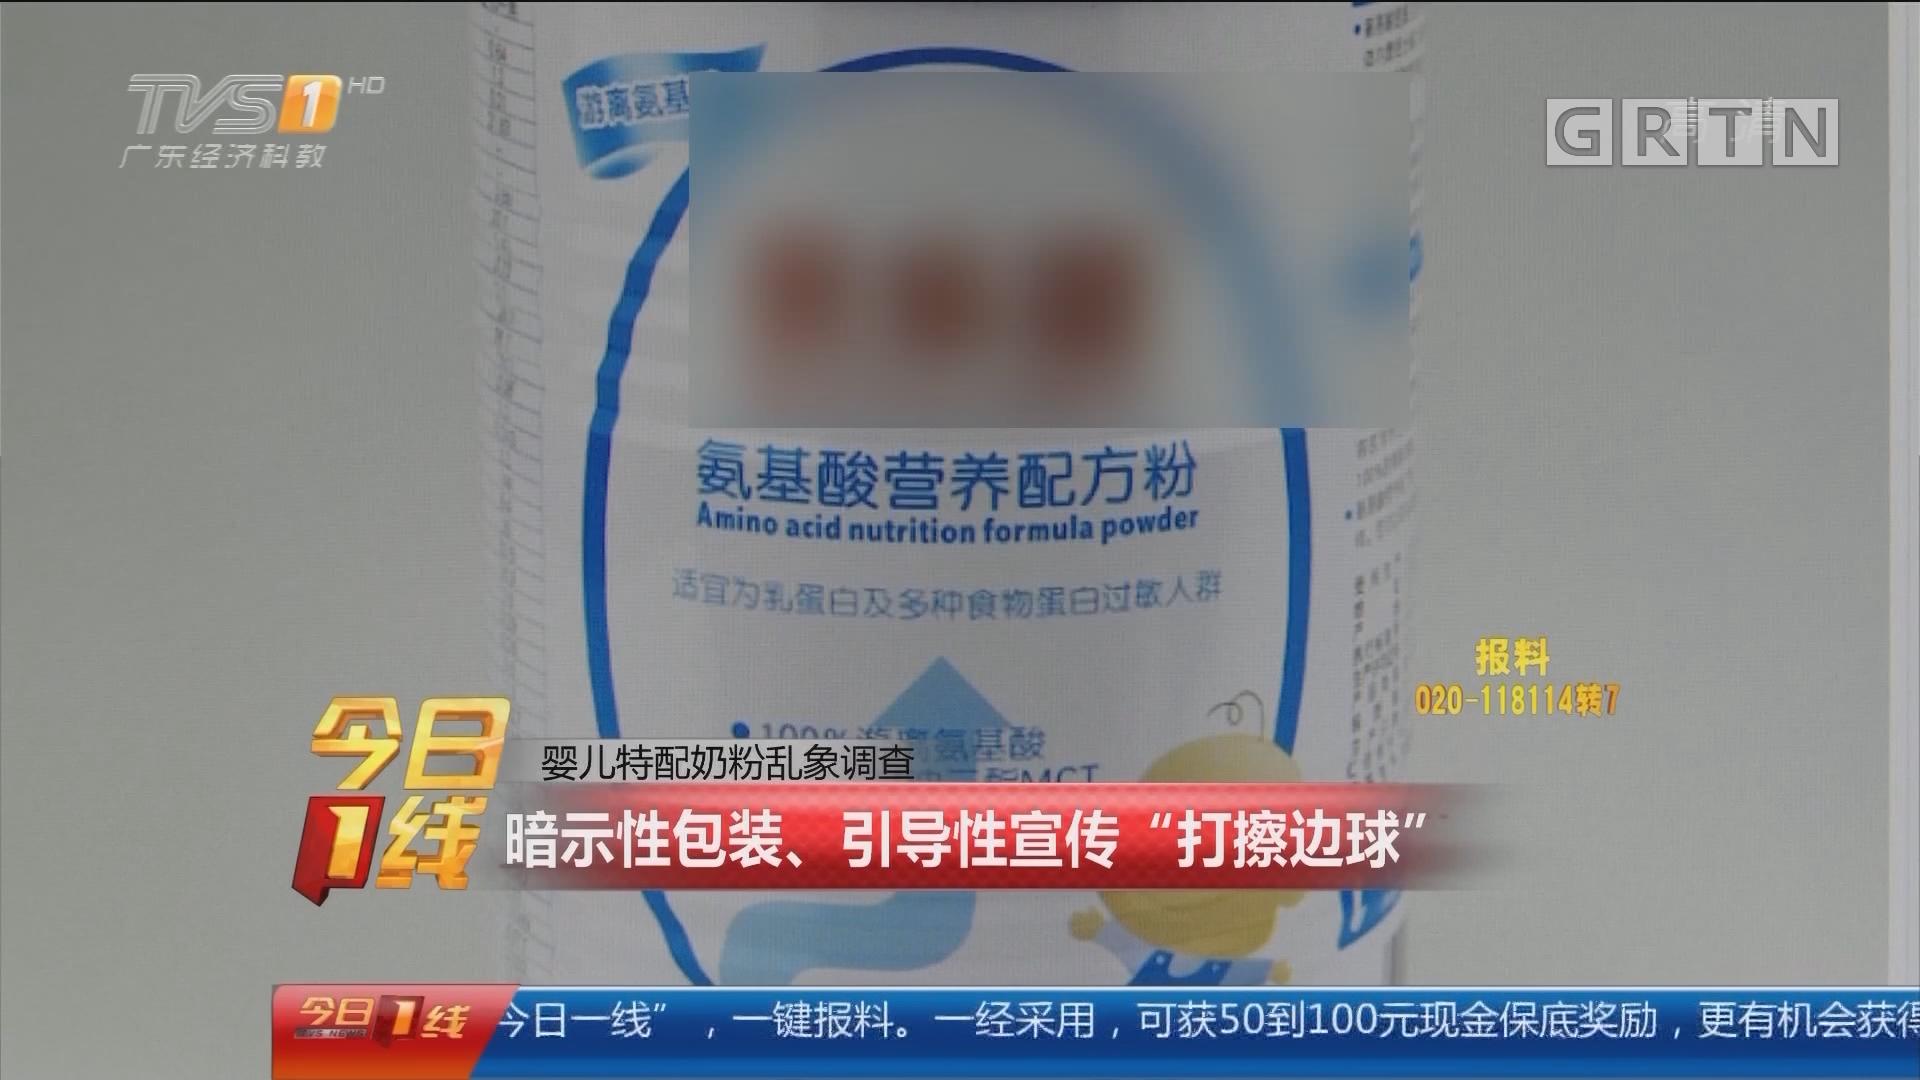 婴儿特配奶粉乱象调查:购买婴儿特配奶粉 却买到固体饮料?